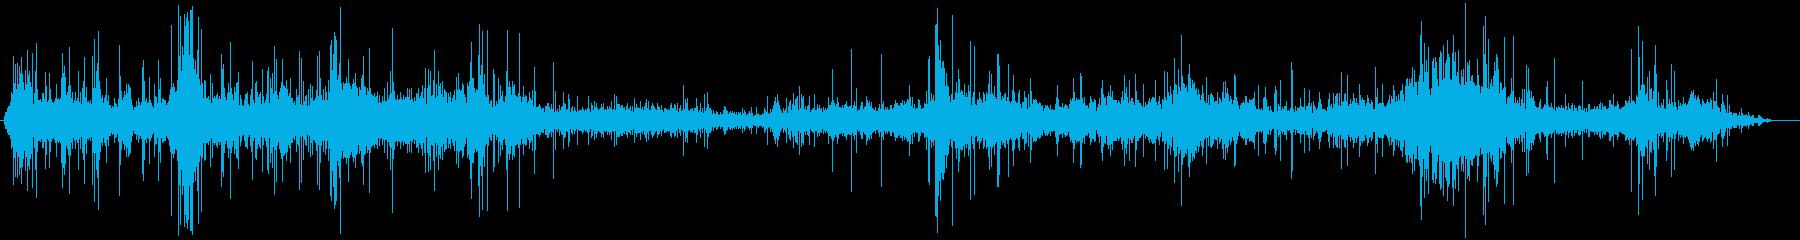 微風でトウモロコシ畑の音の再生済みの波形